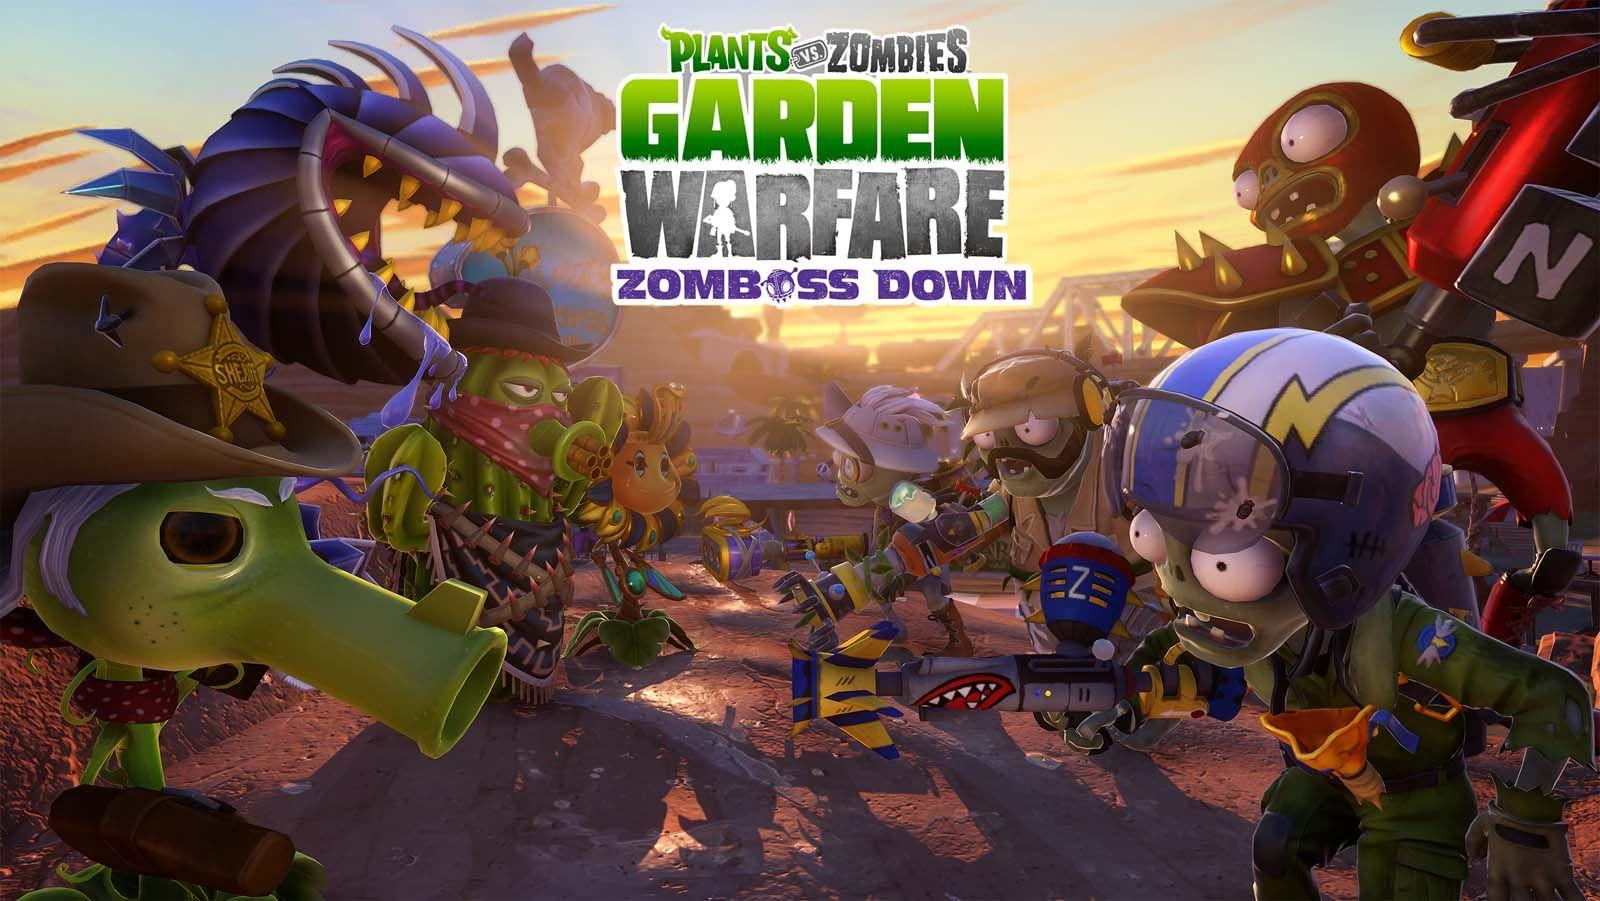 Plants vs. Zombies Garden Warfare Enters the Wild West in Free DLC ...